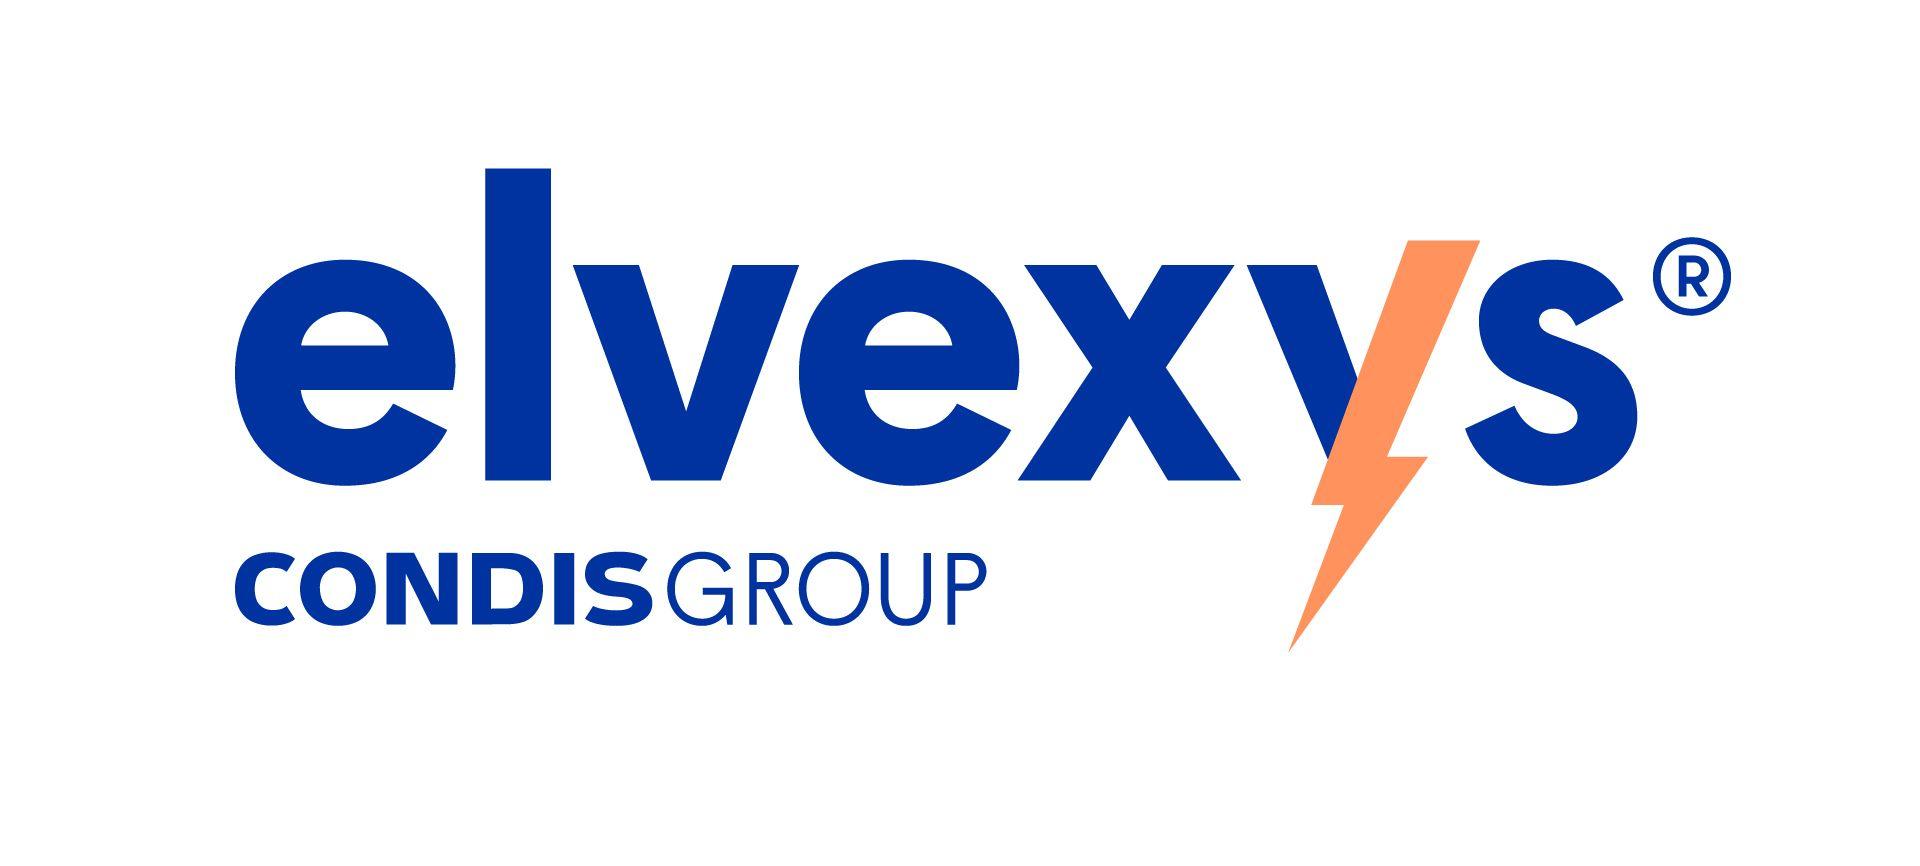 Elvexys SA